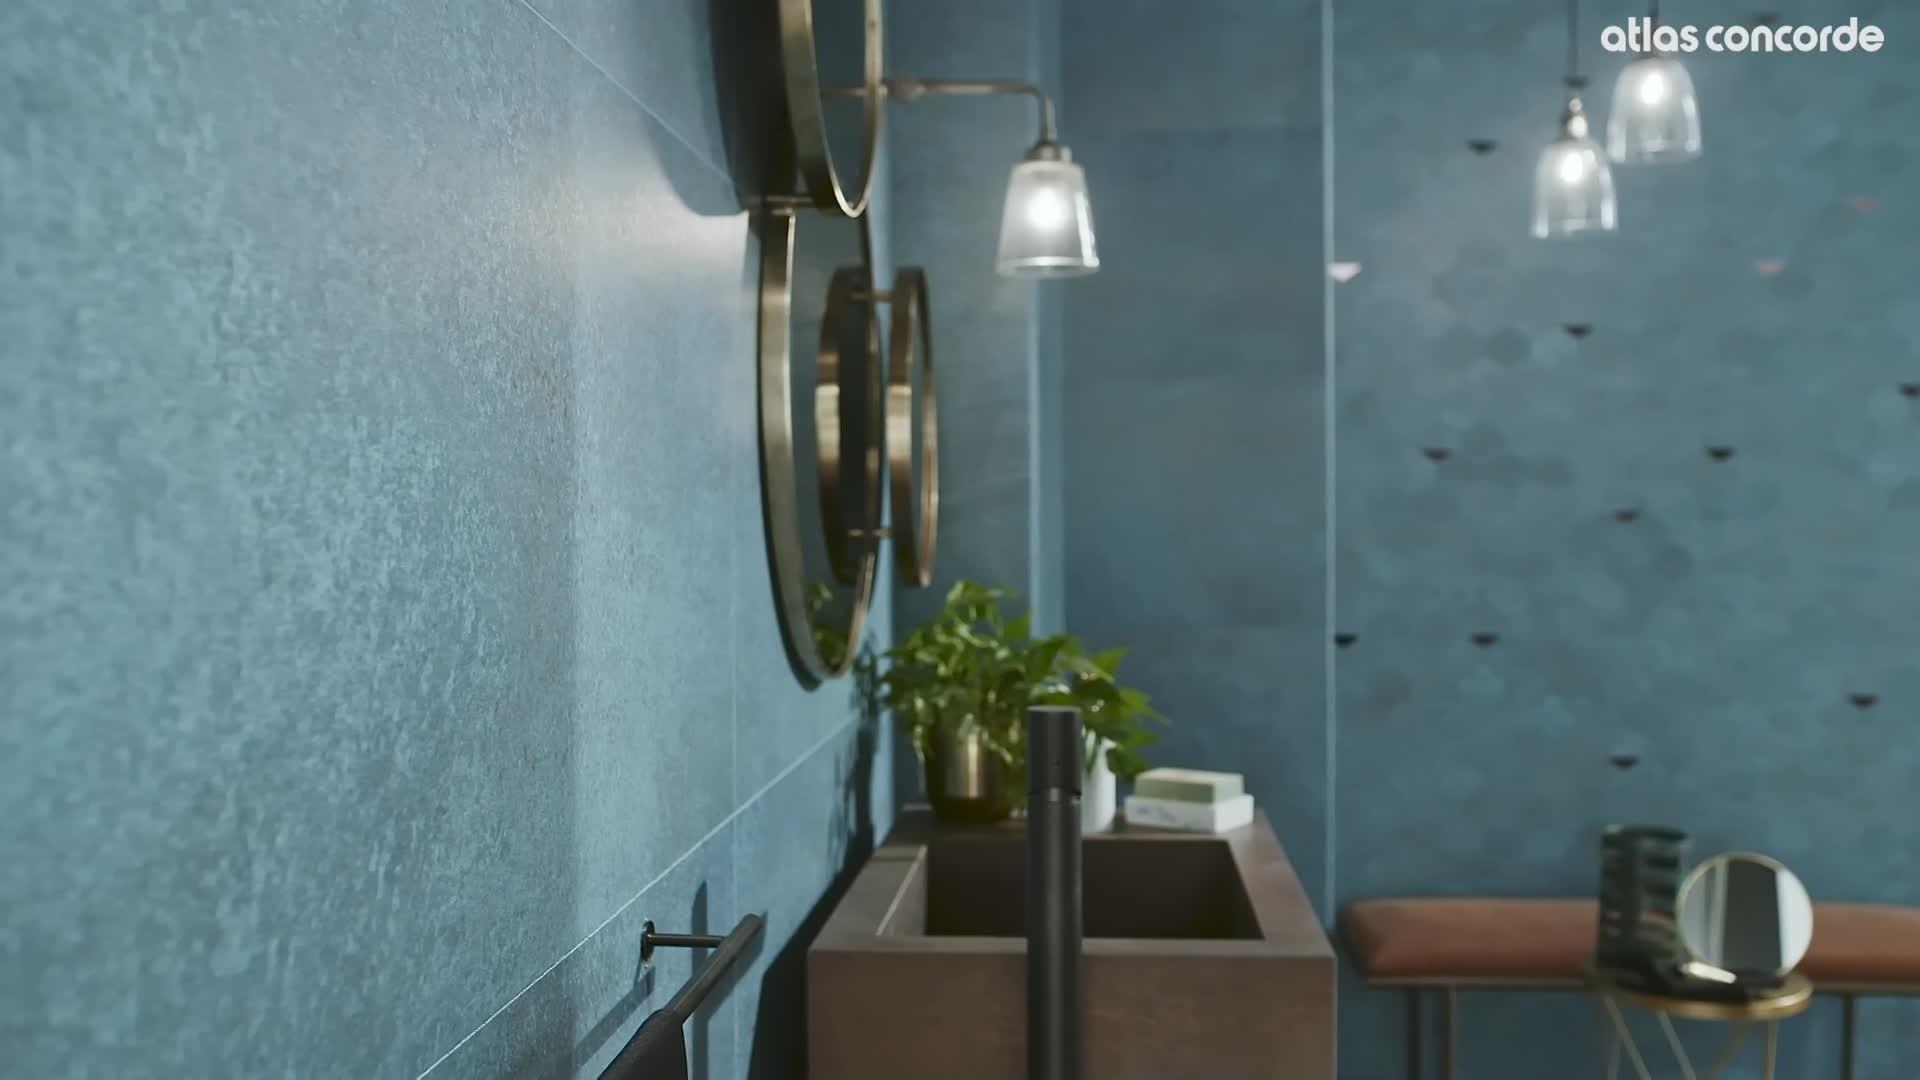 Atlasconcorde Blaze 01 03 Commercial Bathroom Short